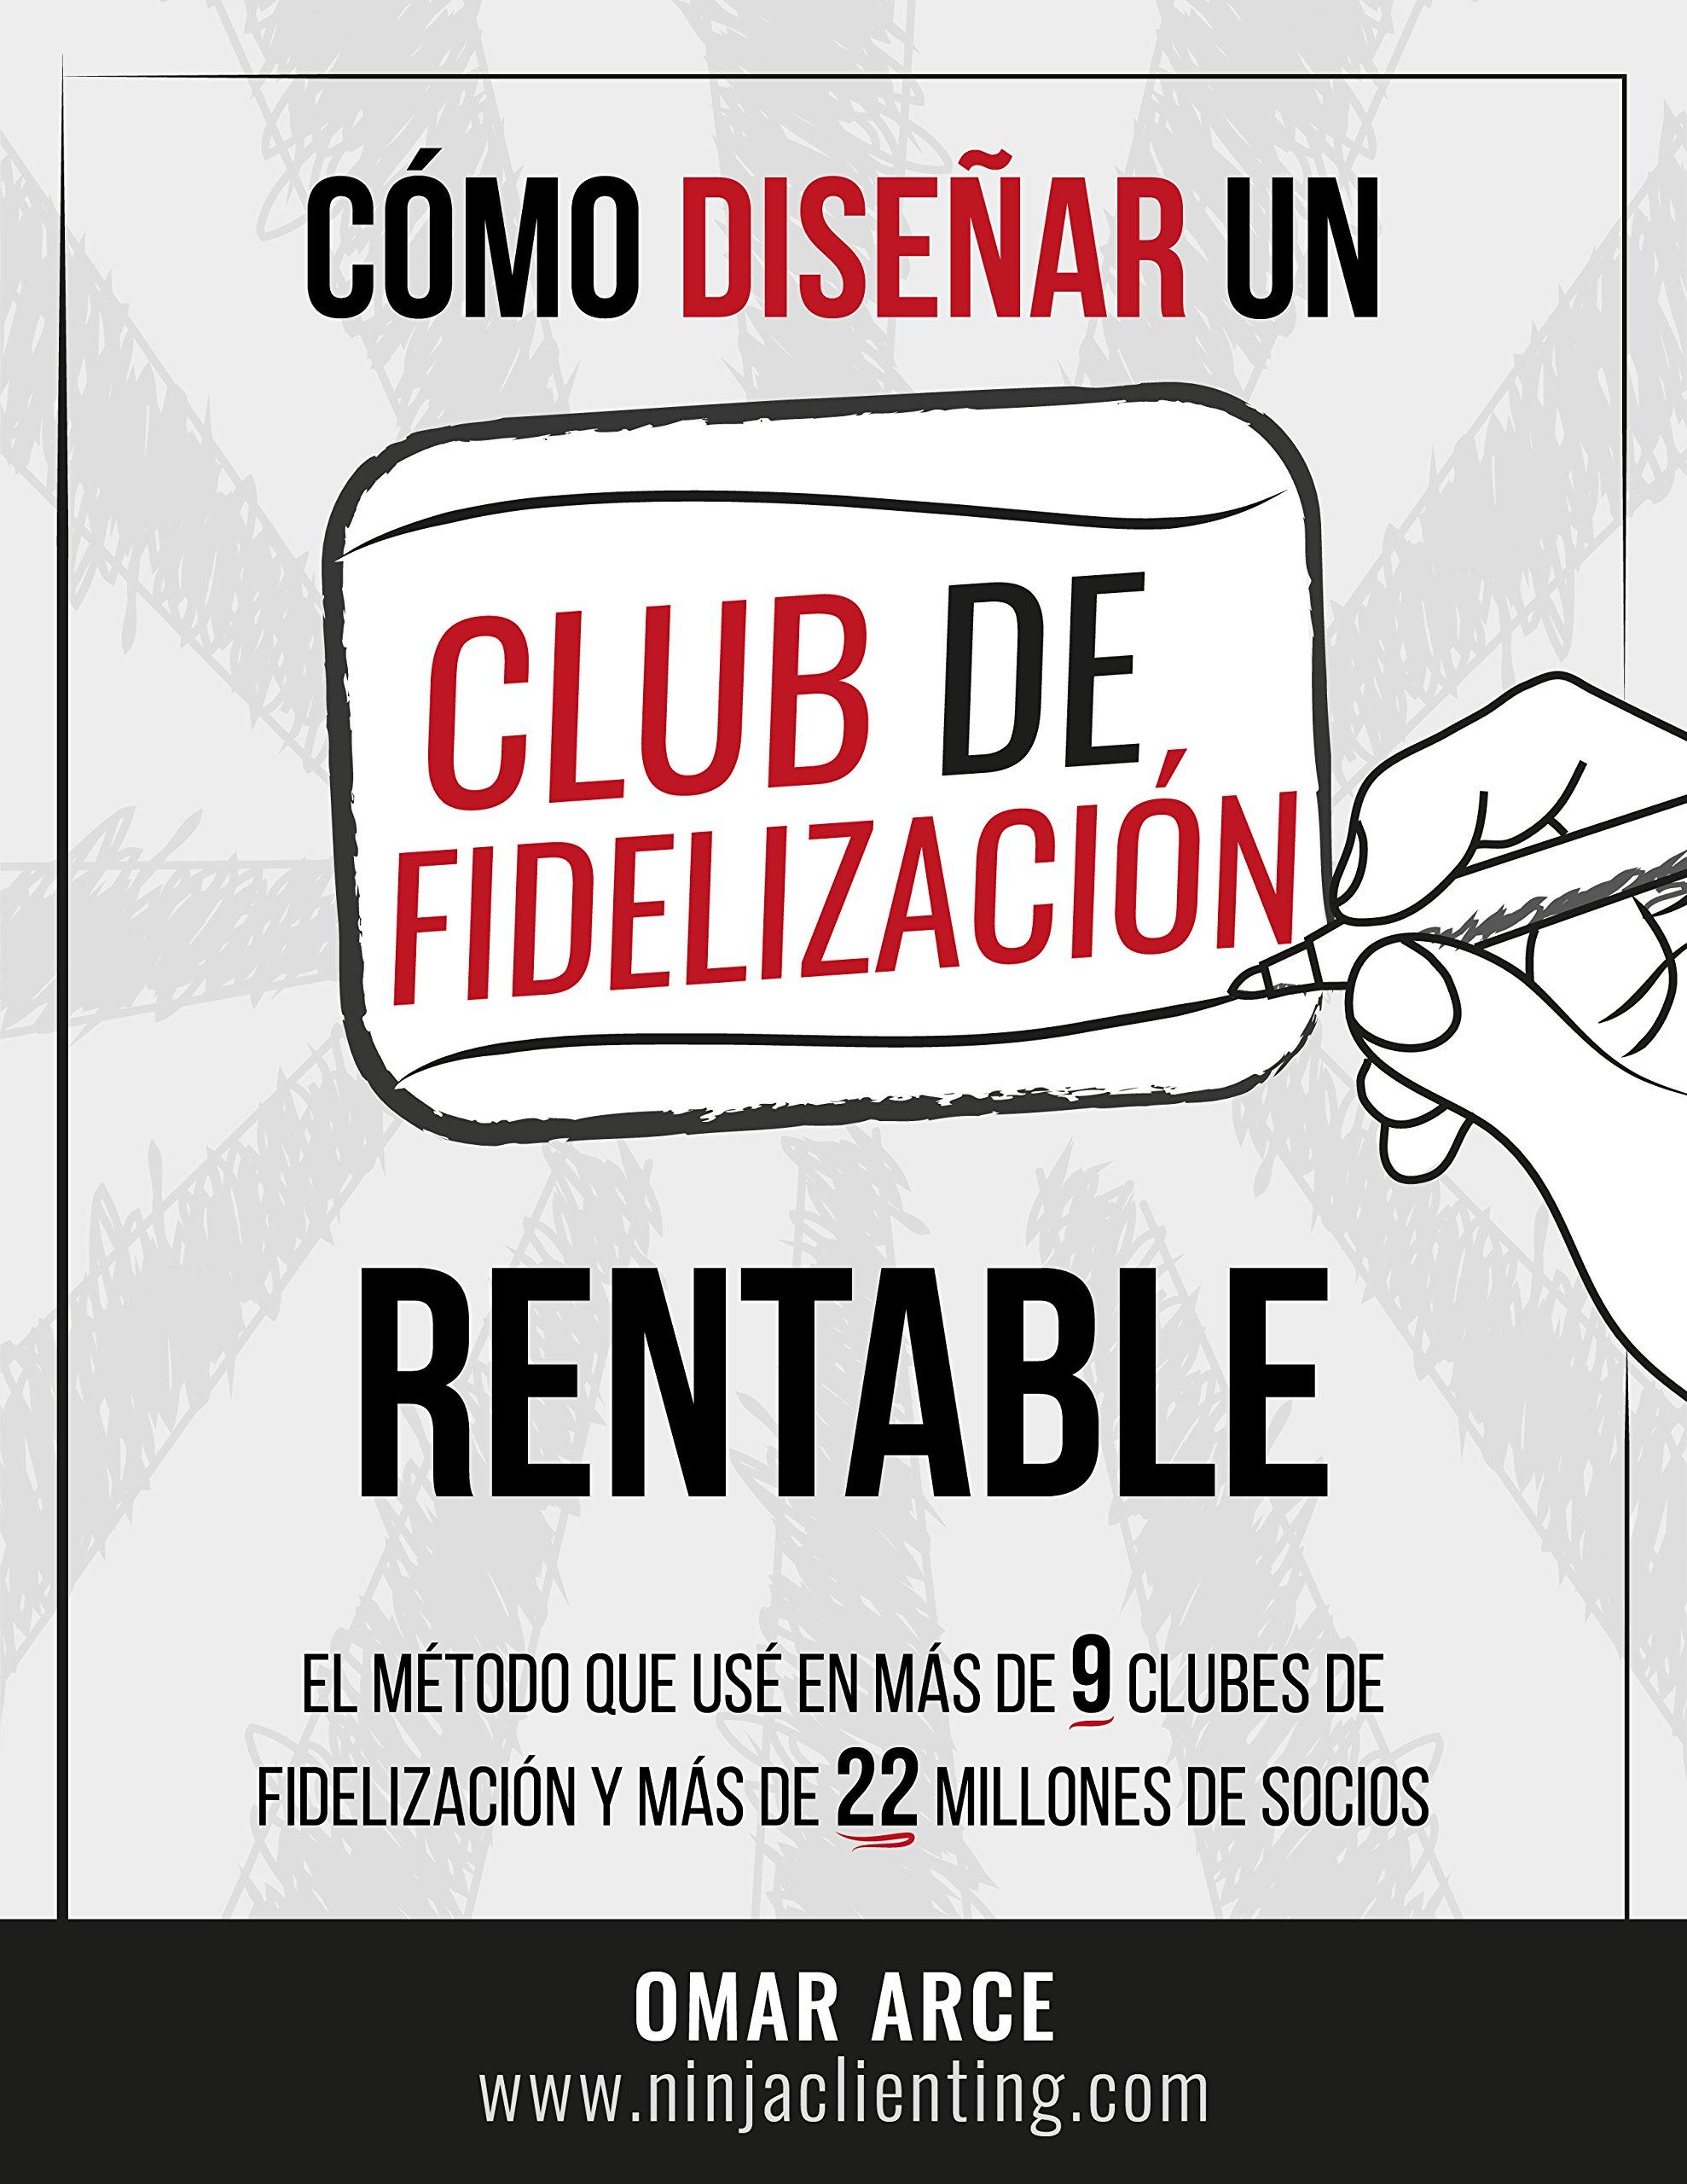 Cómo diseñar un club de fidelizacion rentable: El método que usé en más de 9 clubes y más de 22 millones de socios. (Spanish Edition)